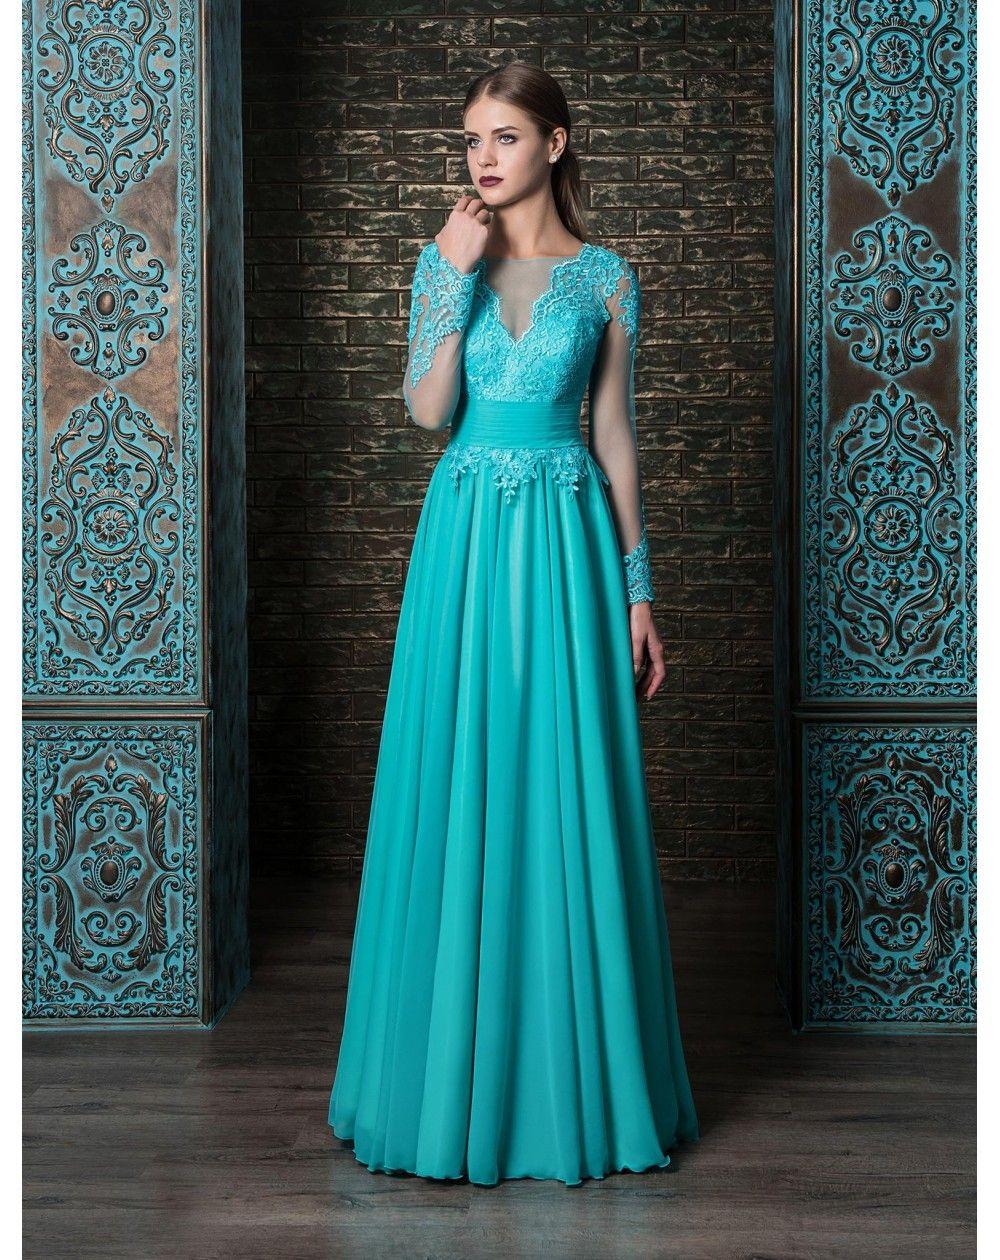 3462d4023200 Dlhé luxusné spoločenské šaty s čipkovaným zvrškom s dlhým rukávom. Padavá  obrovská sukňa zo šifónu